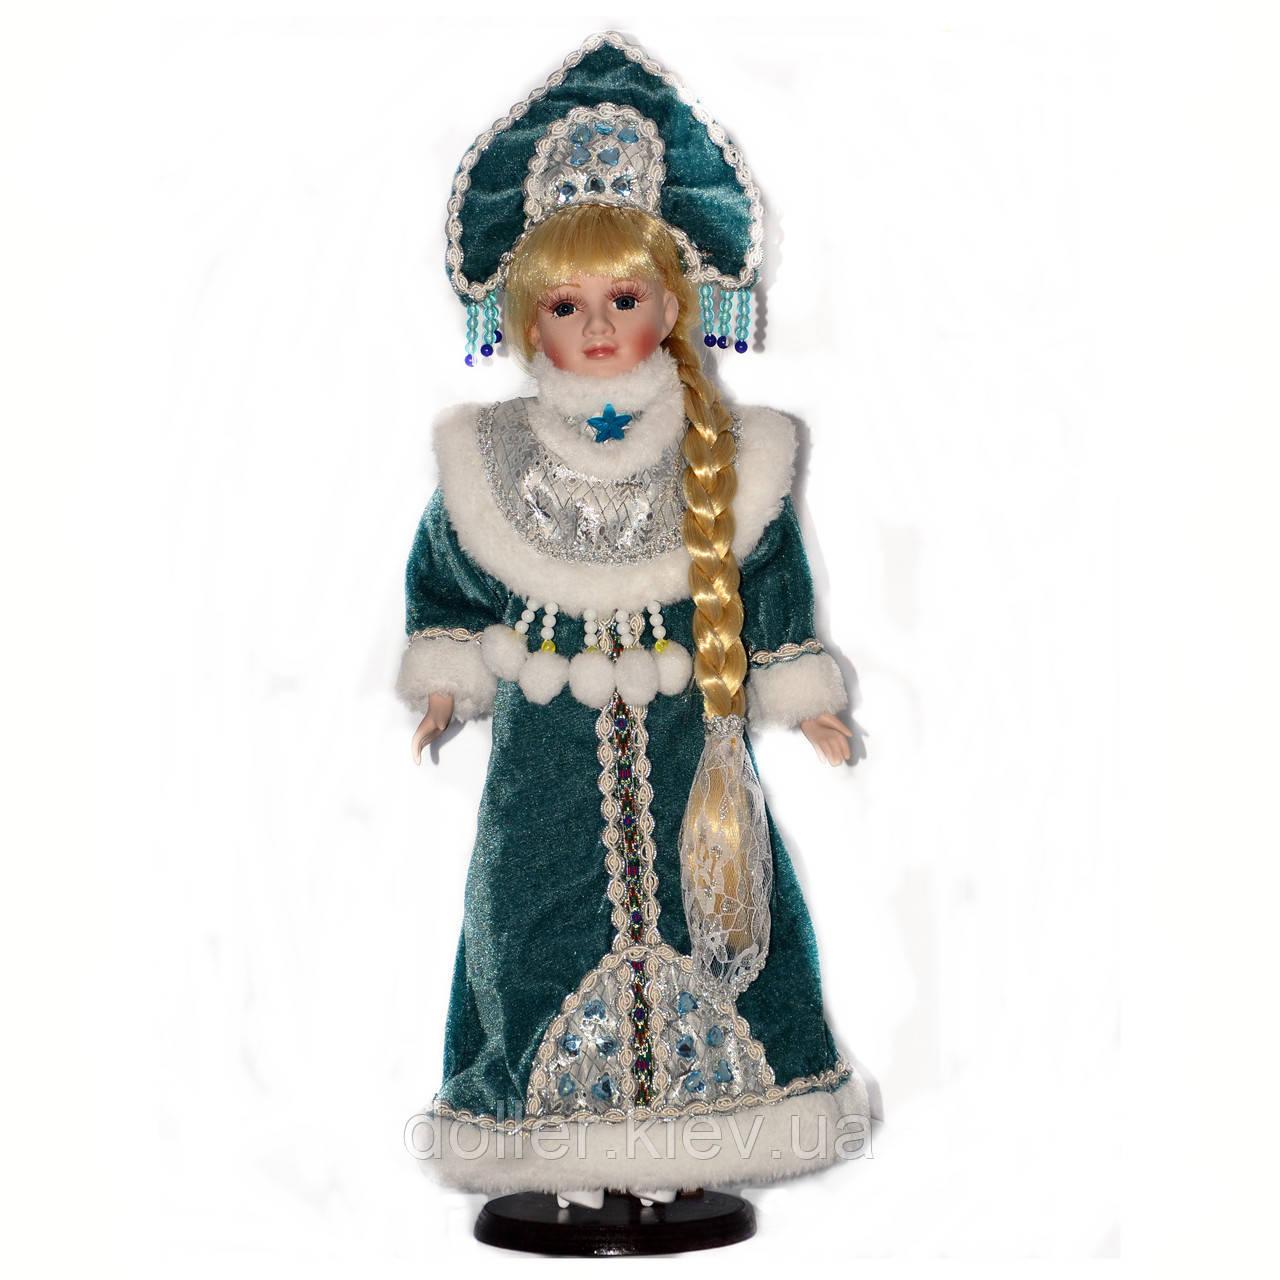 Снегурочка-царевна (45 см.)